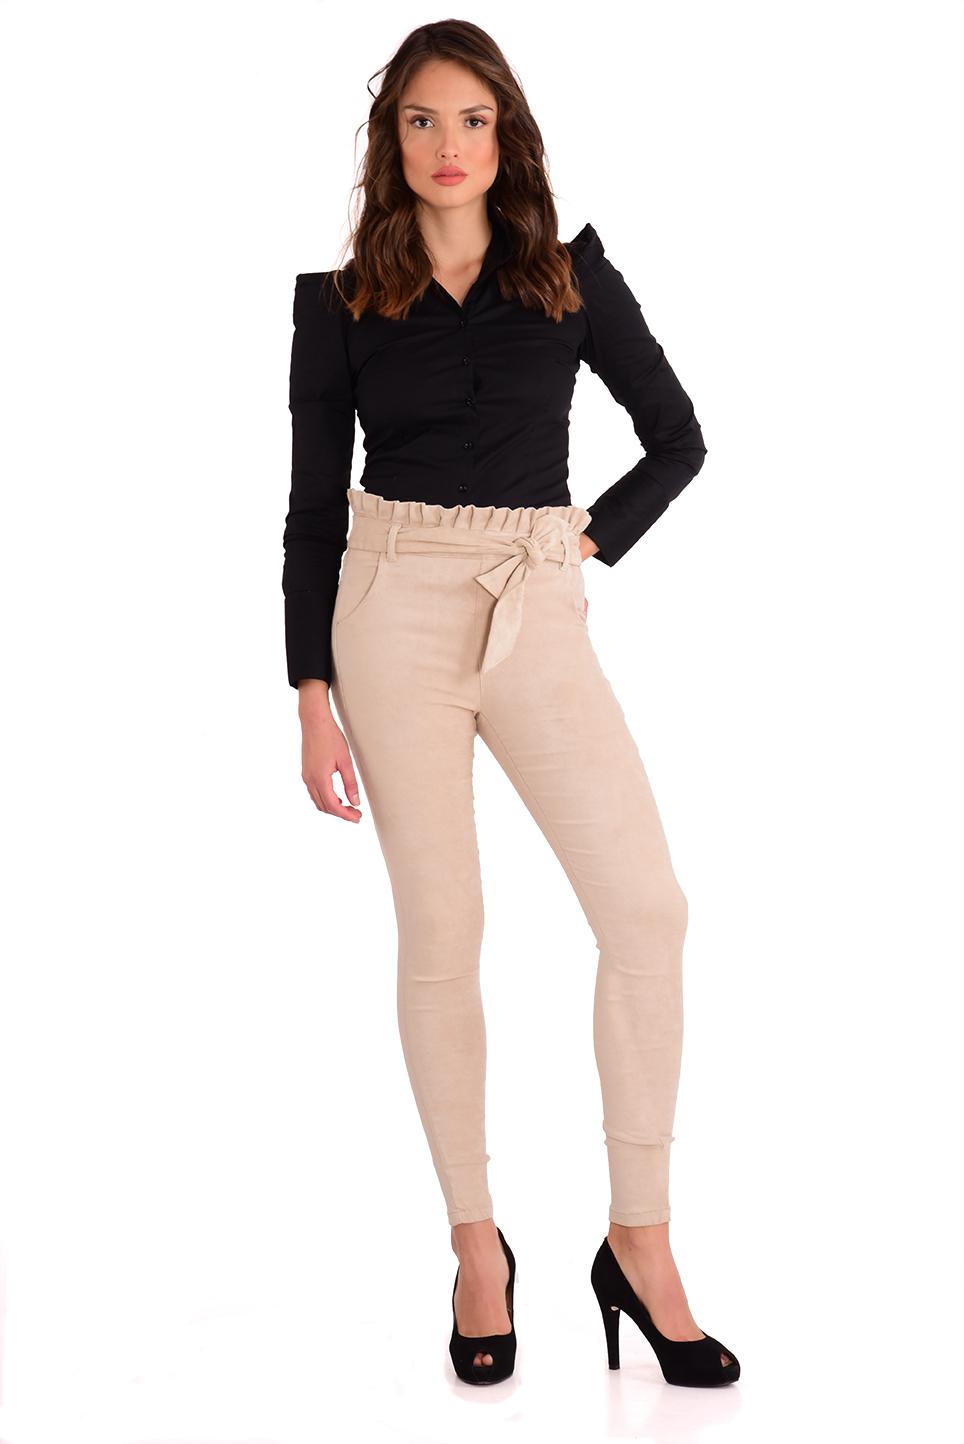 מכנס  צמוד וגבוה בצבע אבן עם חגורה